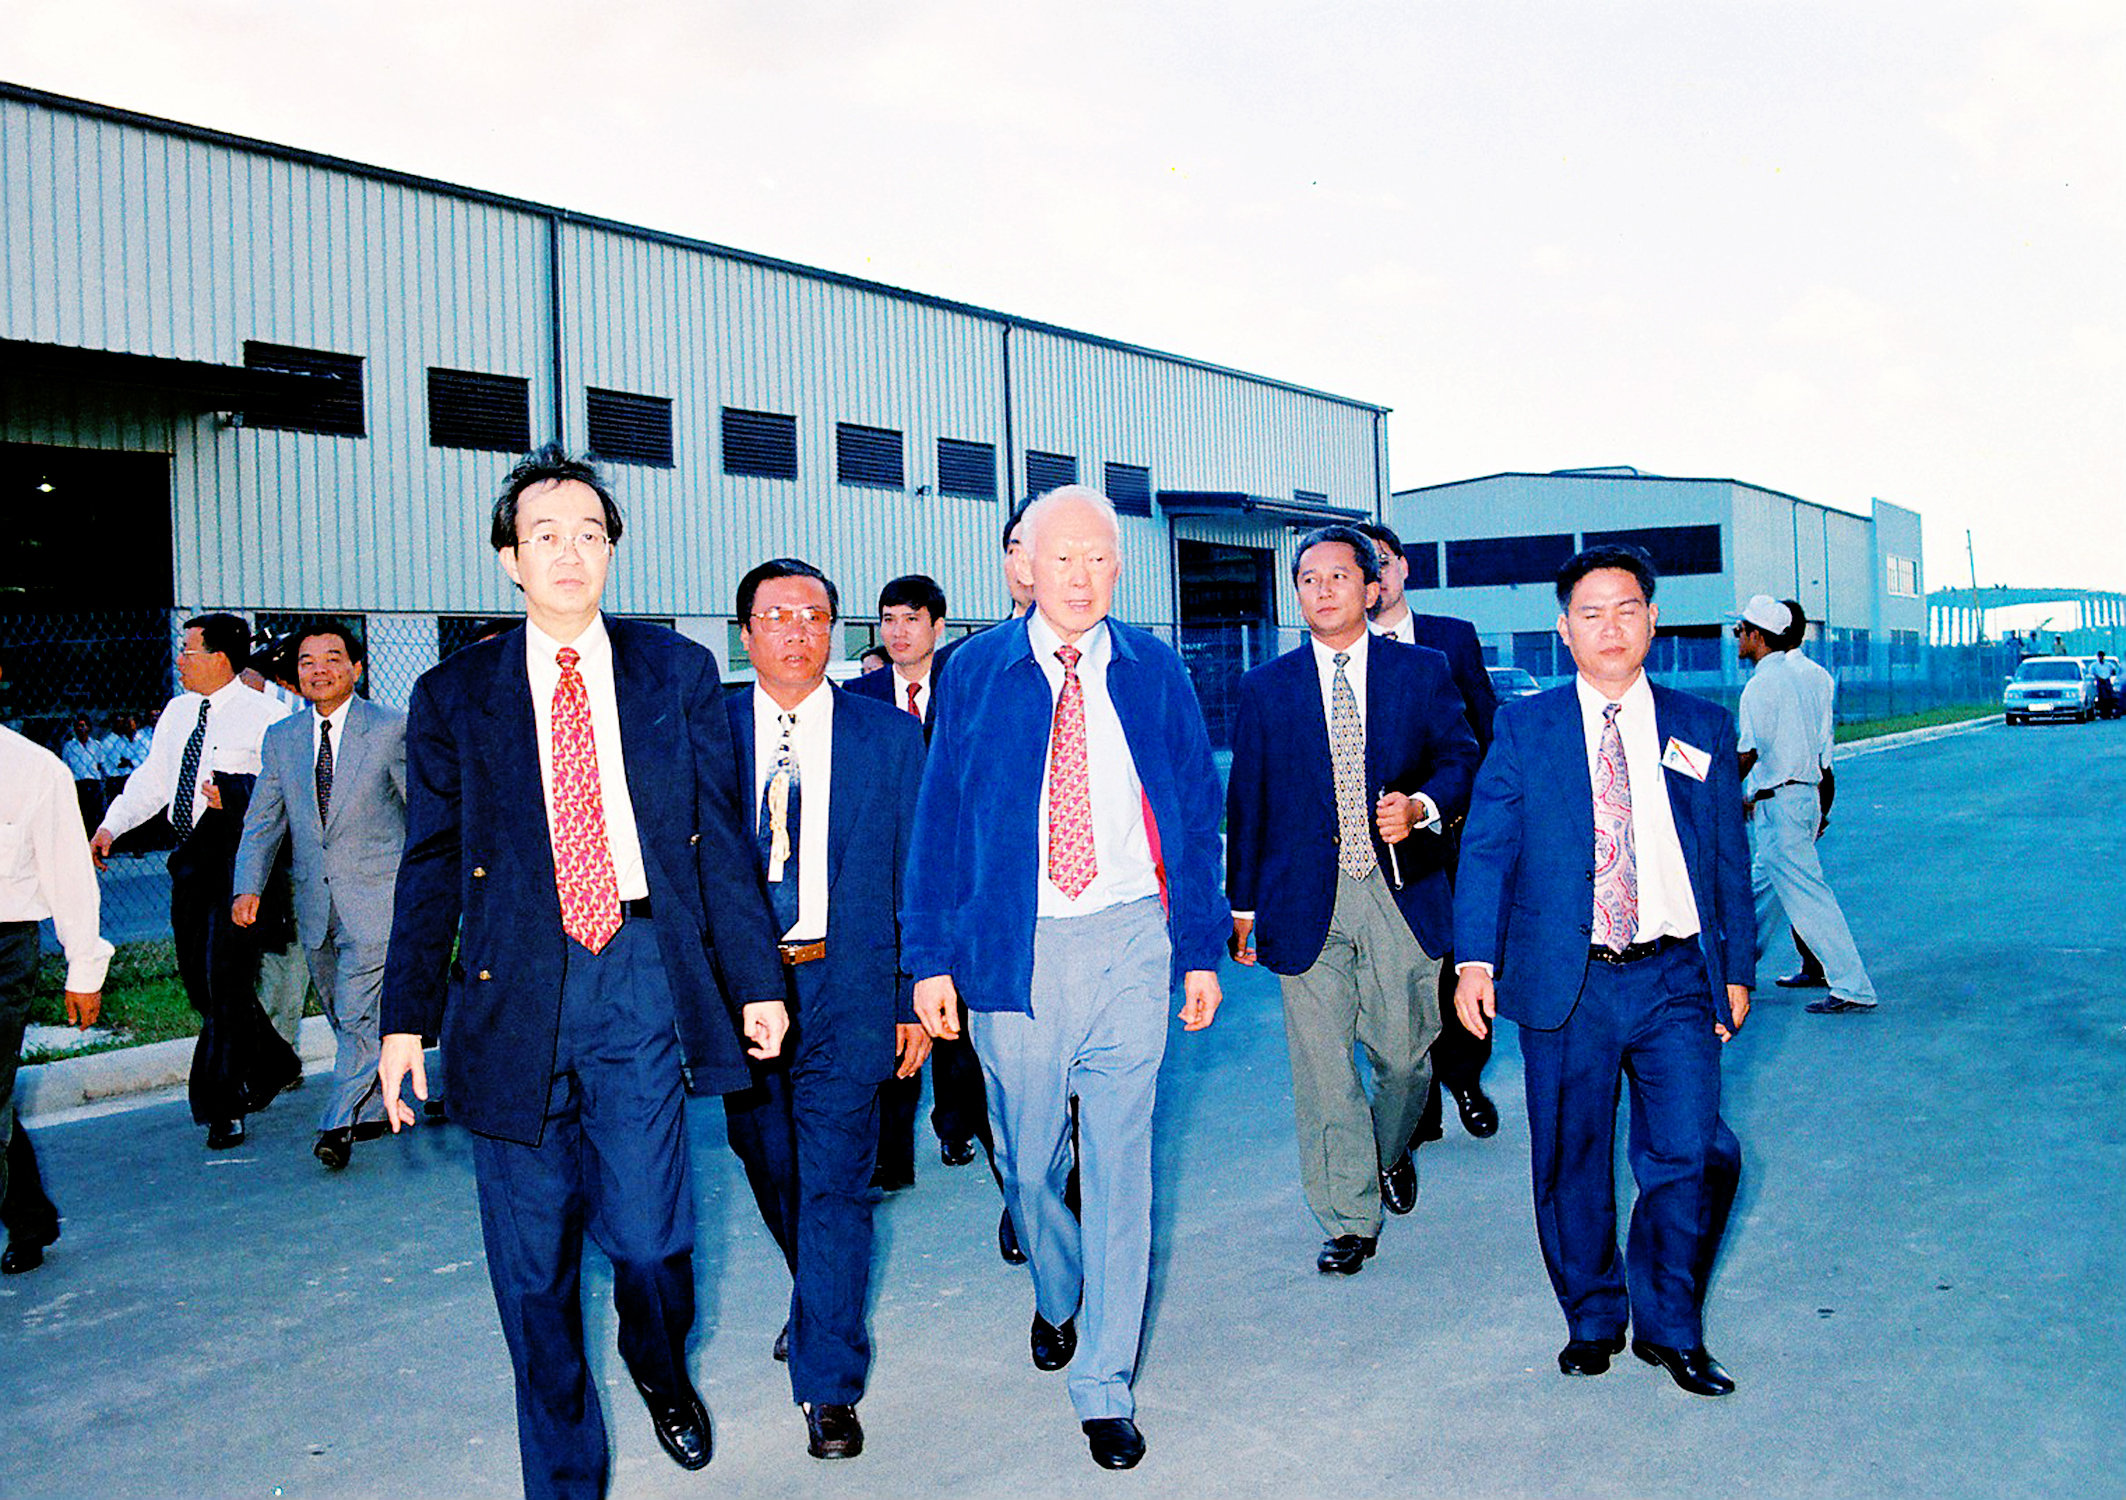 Ông Lý Quang Diệu (giữa, hàng đầu) thăm VSIP 1 vào năm 1997. (Ảnh do UBND tỉnh Bình Dương cung cấp)